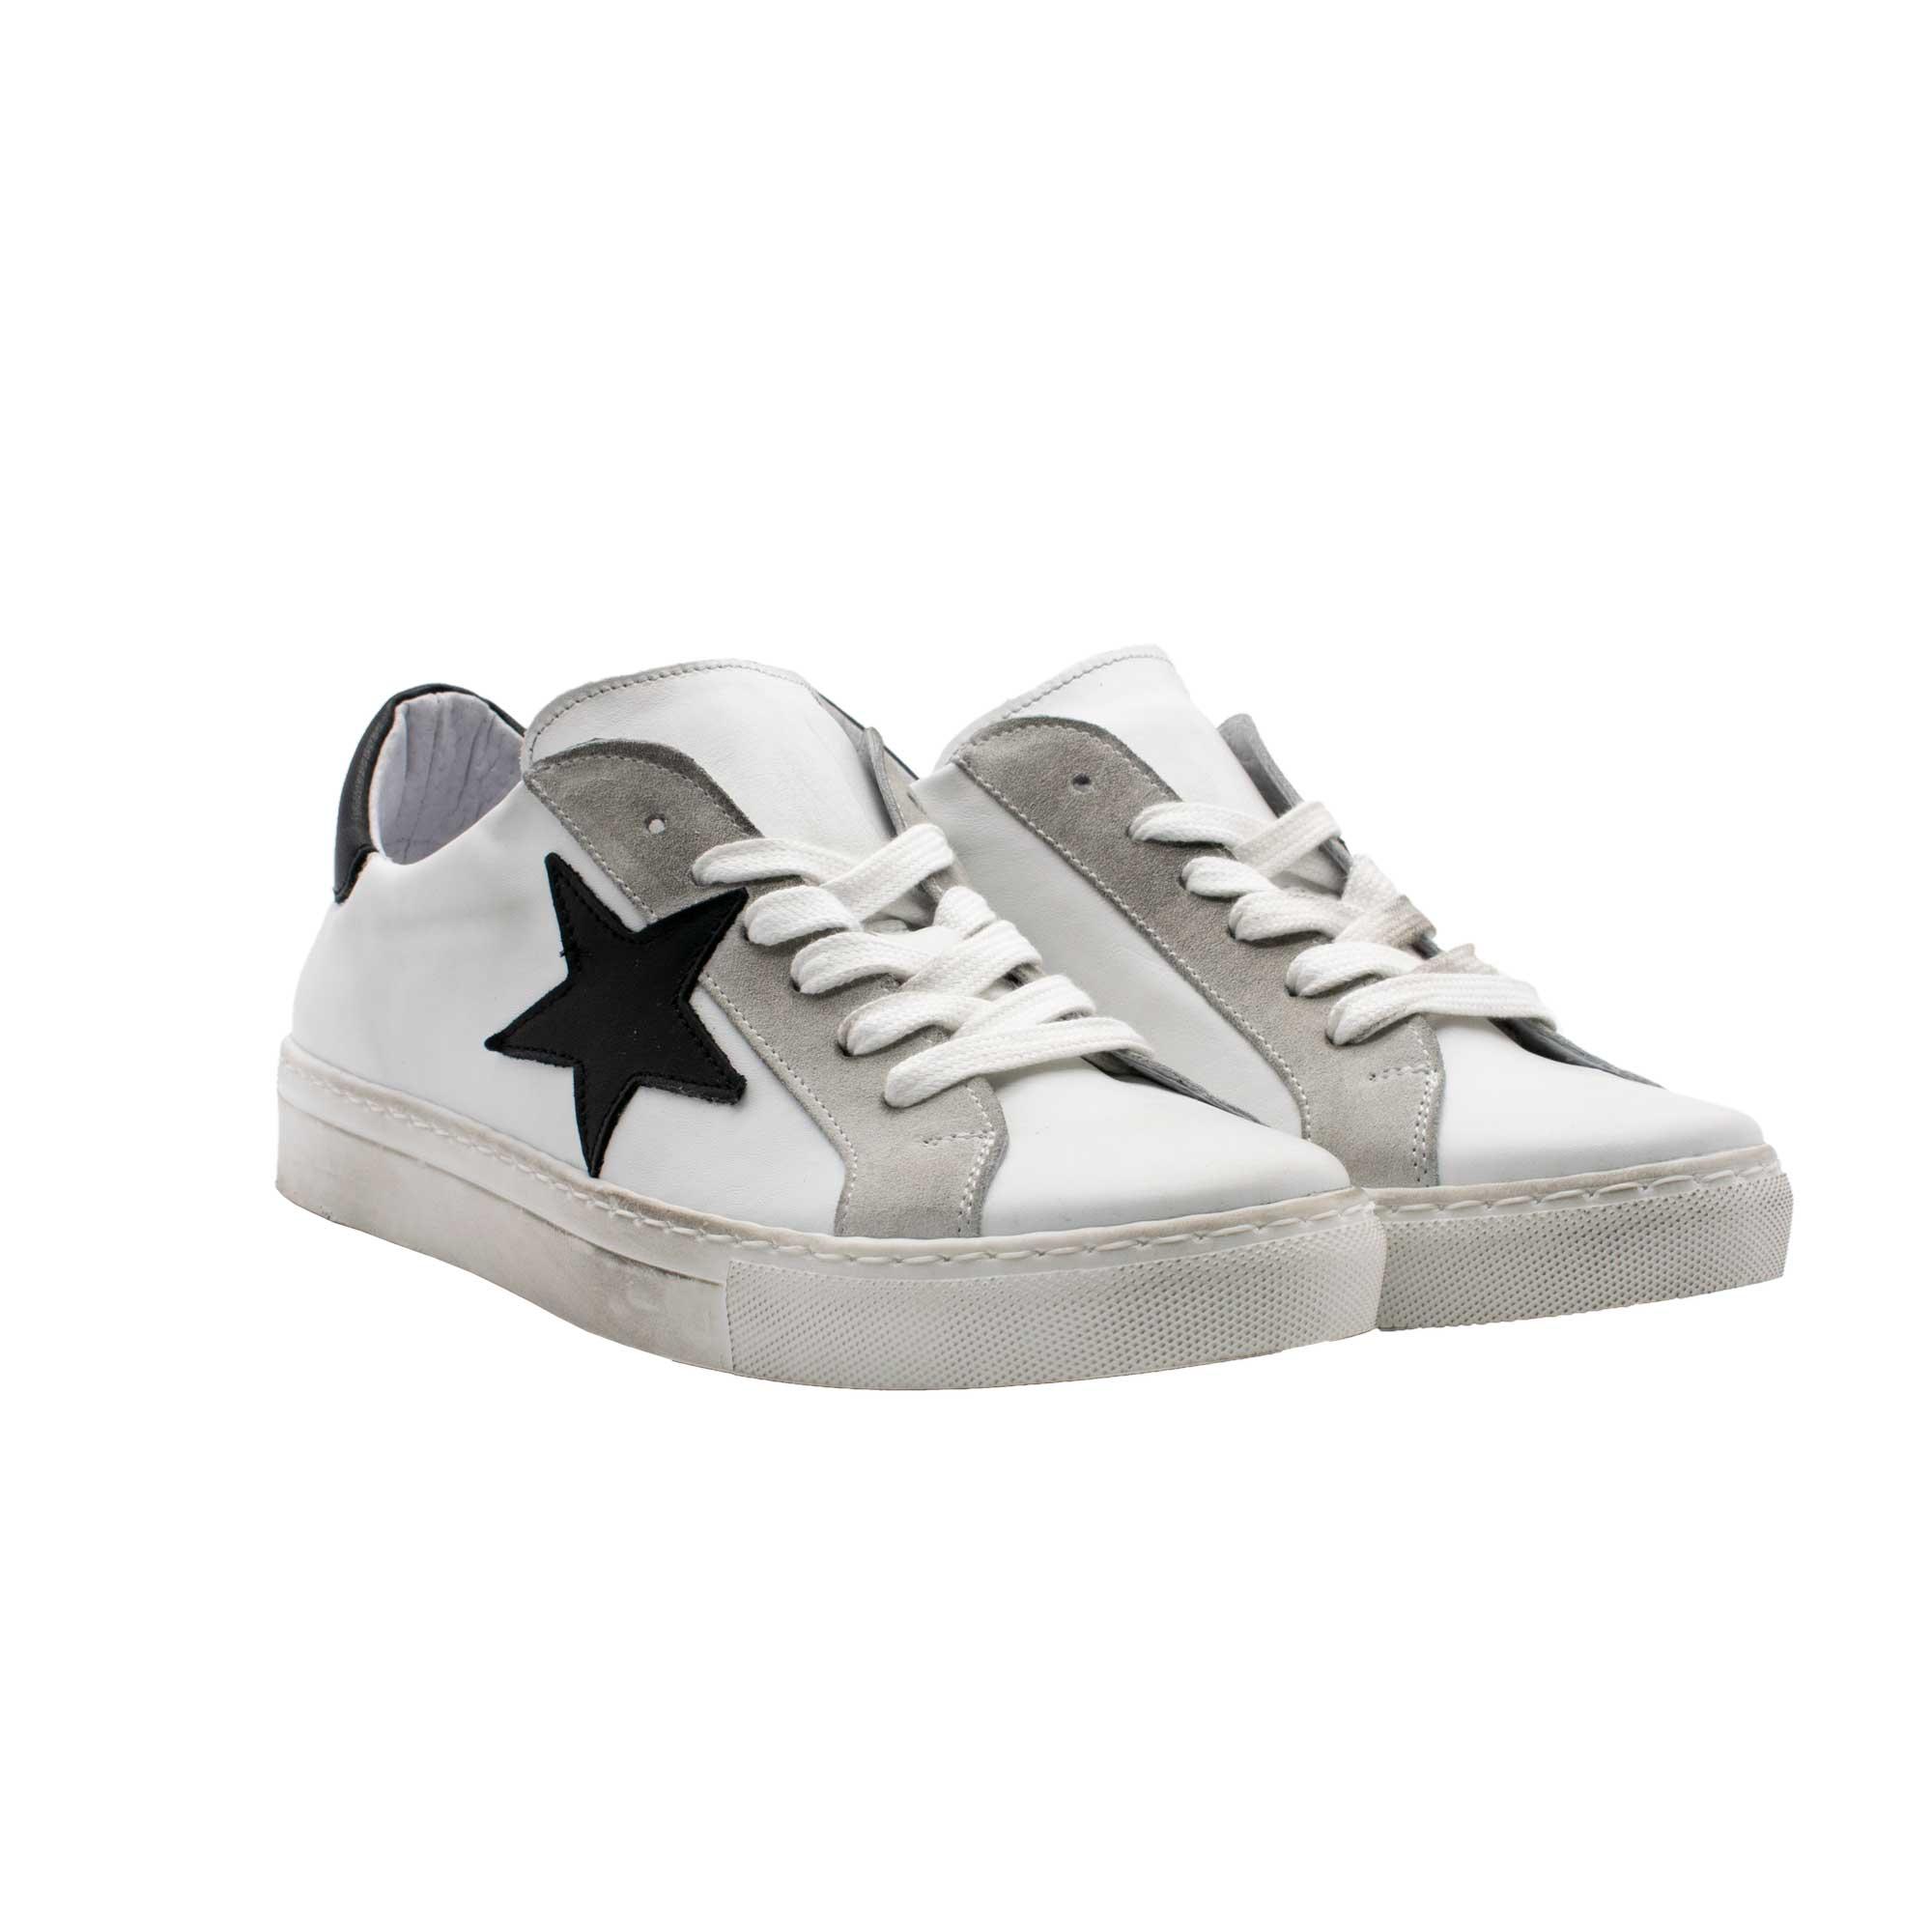 E21 Pierrot Unew Stars White Black.jpg